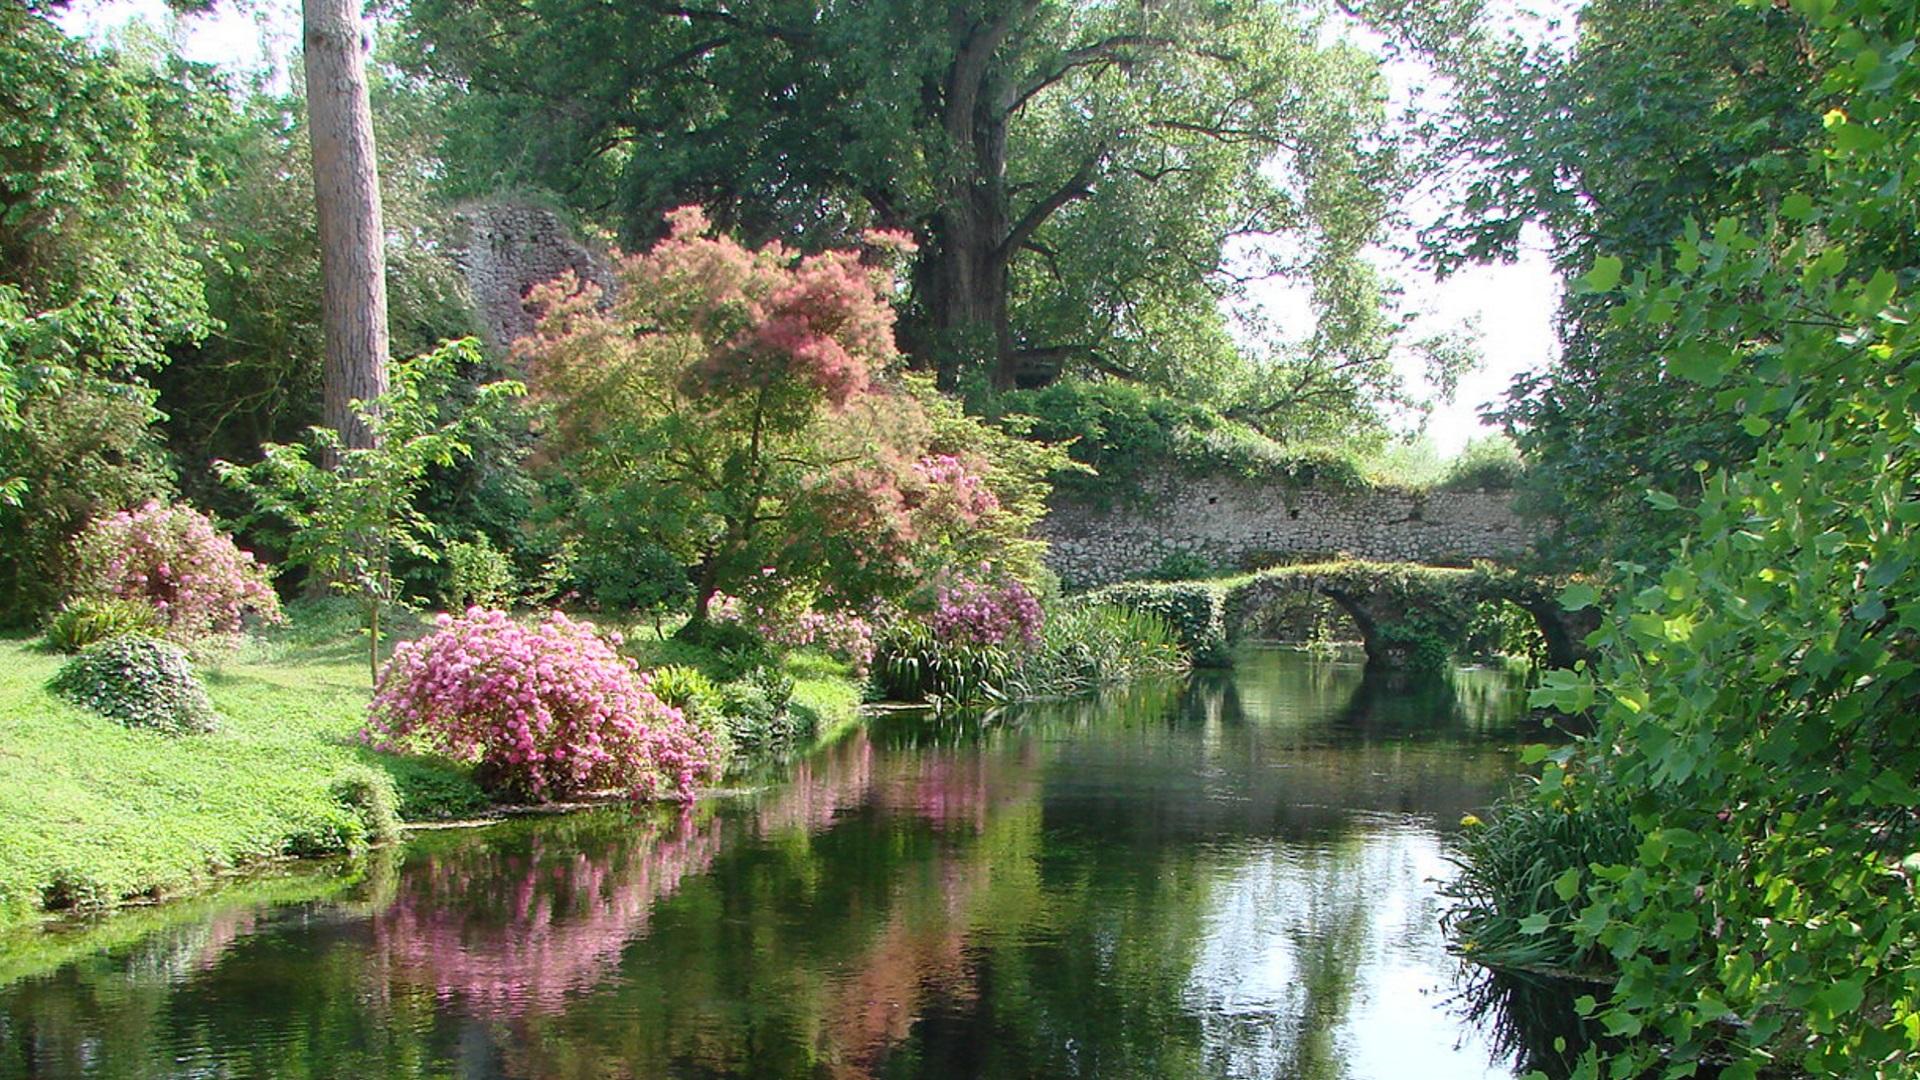 I giardini di ninfa roma, Róma: Rómától 70 km-re van Európa második legszebb kertje, a Nimfa kert